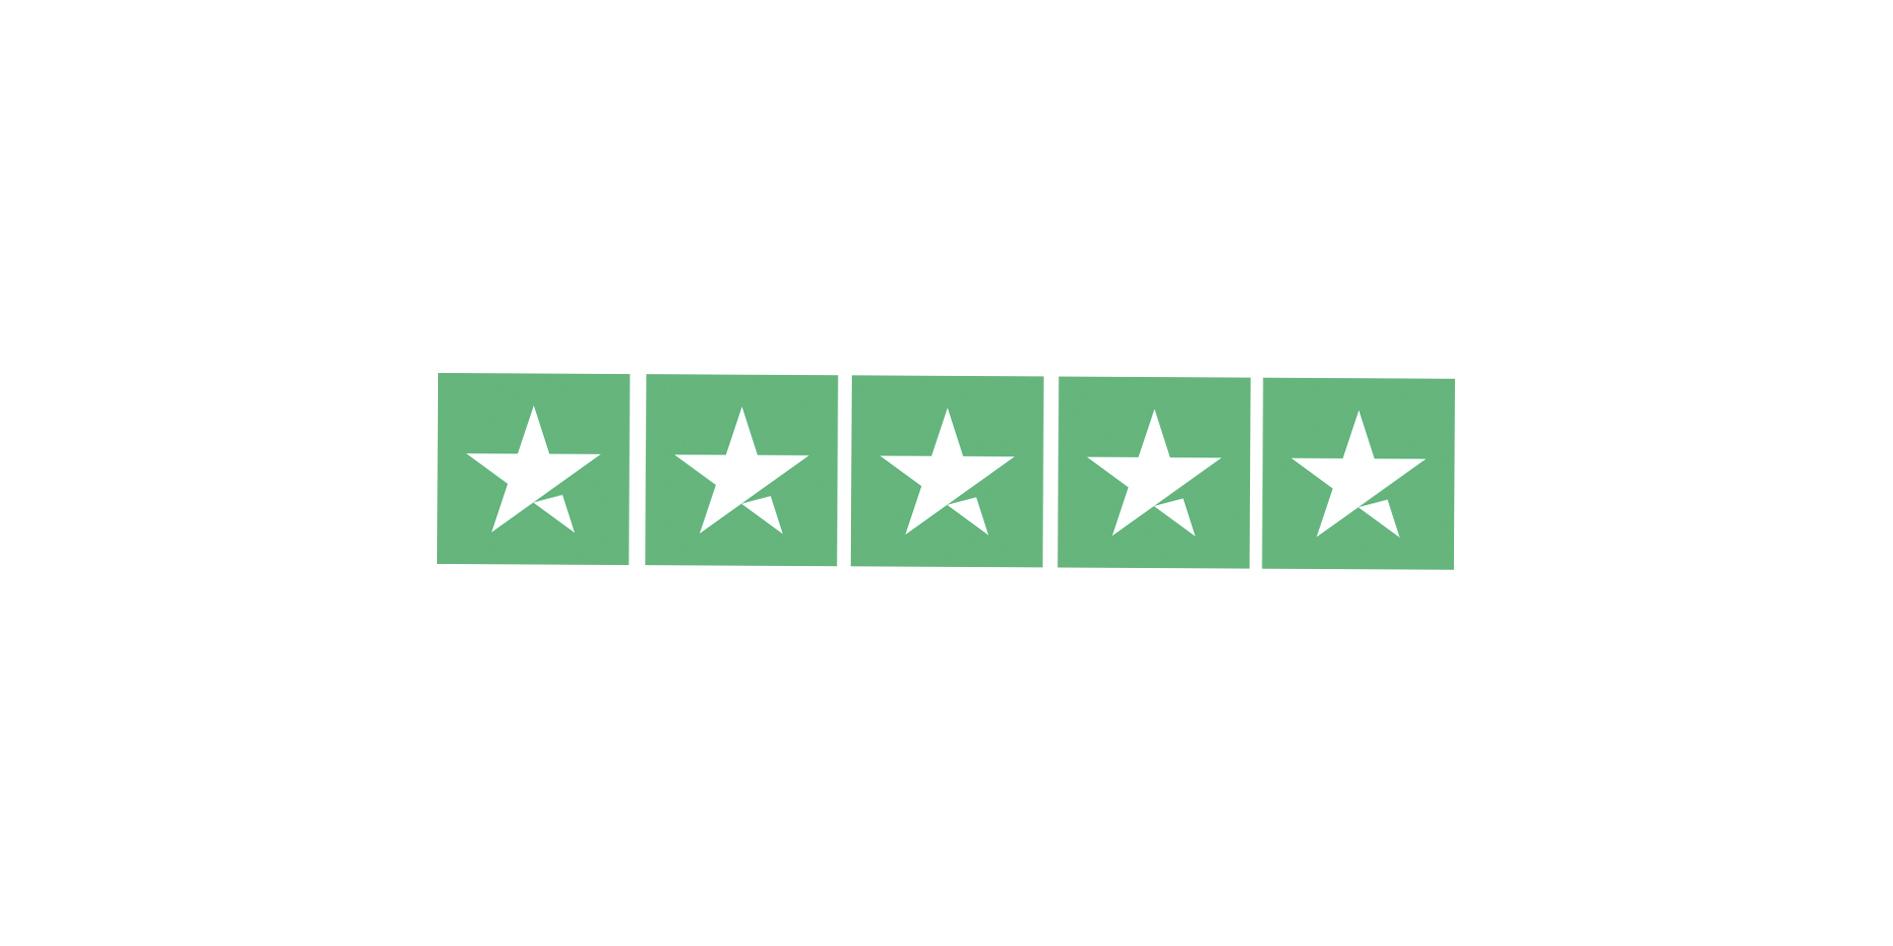 Anmeldelser på Trustpilot af Wuth Copenhagen